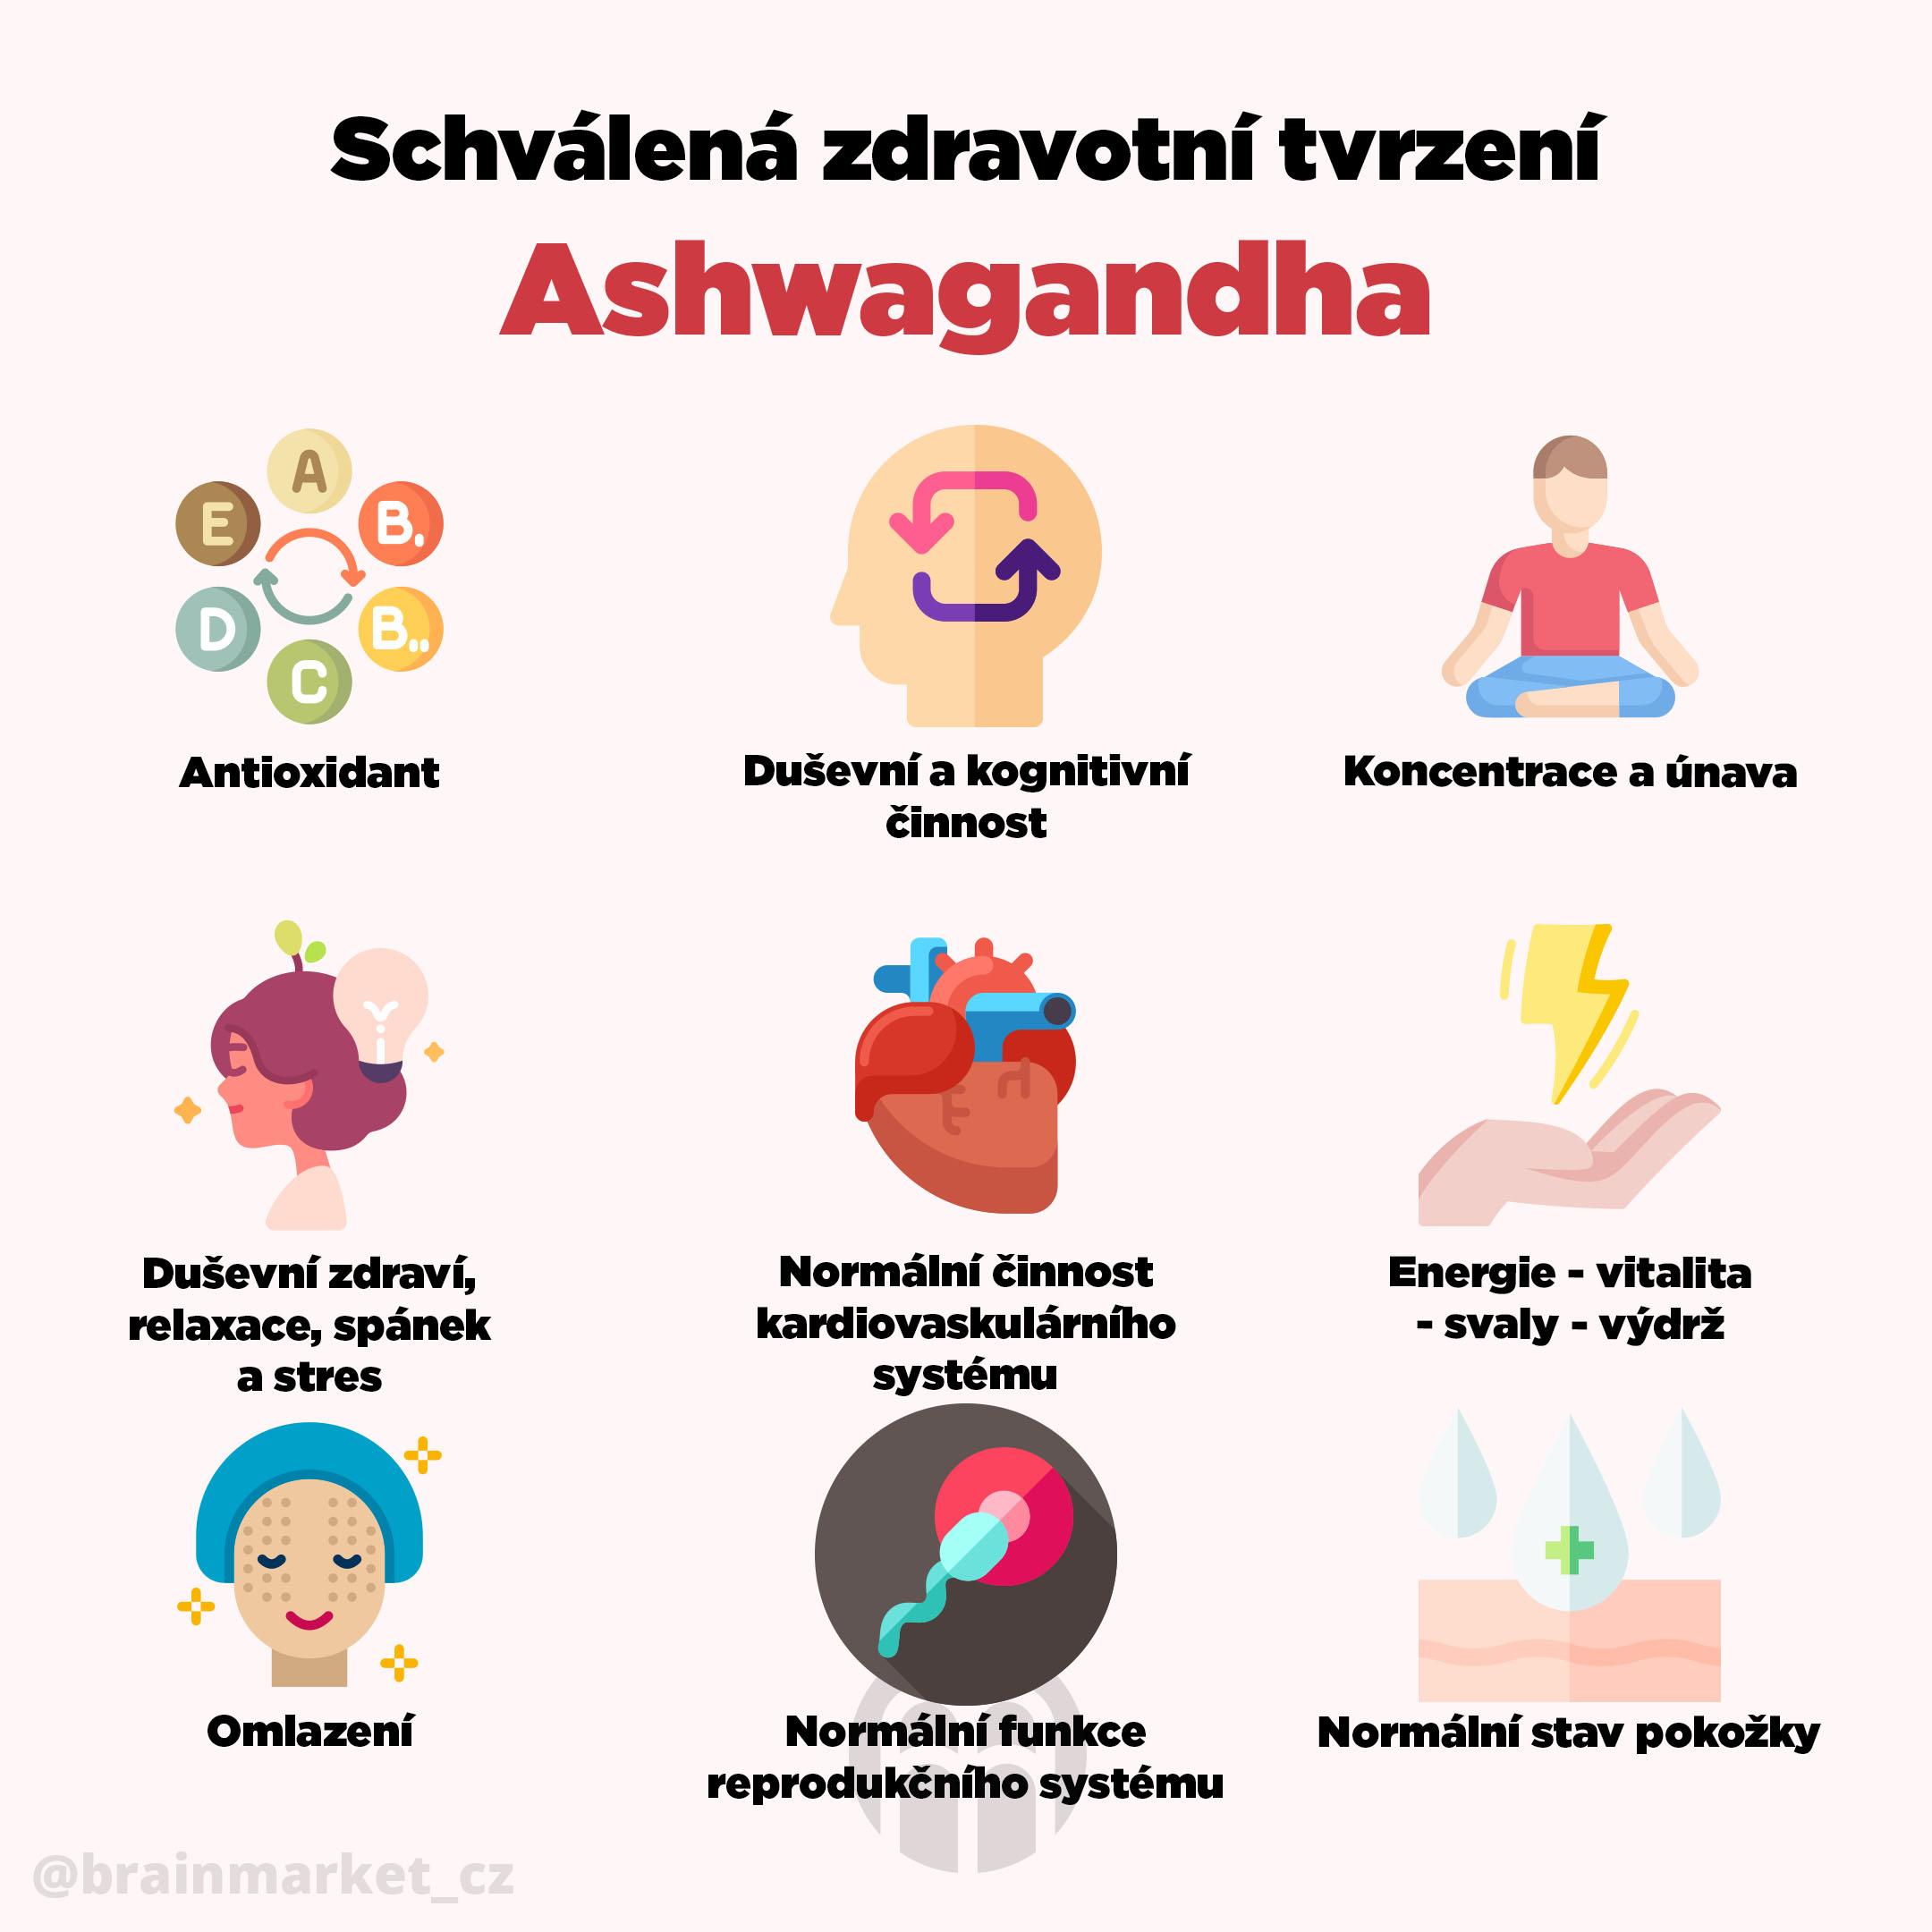 schvalena_zdrav_ashwagandha_infografika_brainmarket_cz